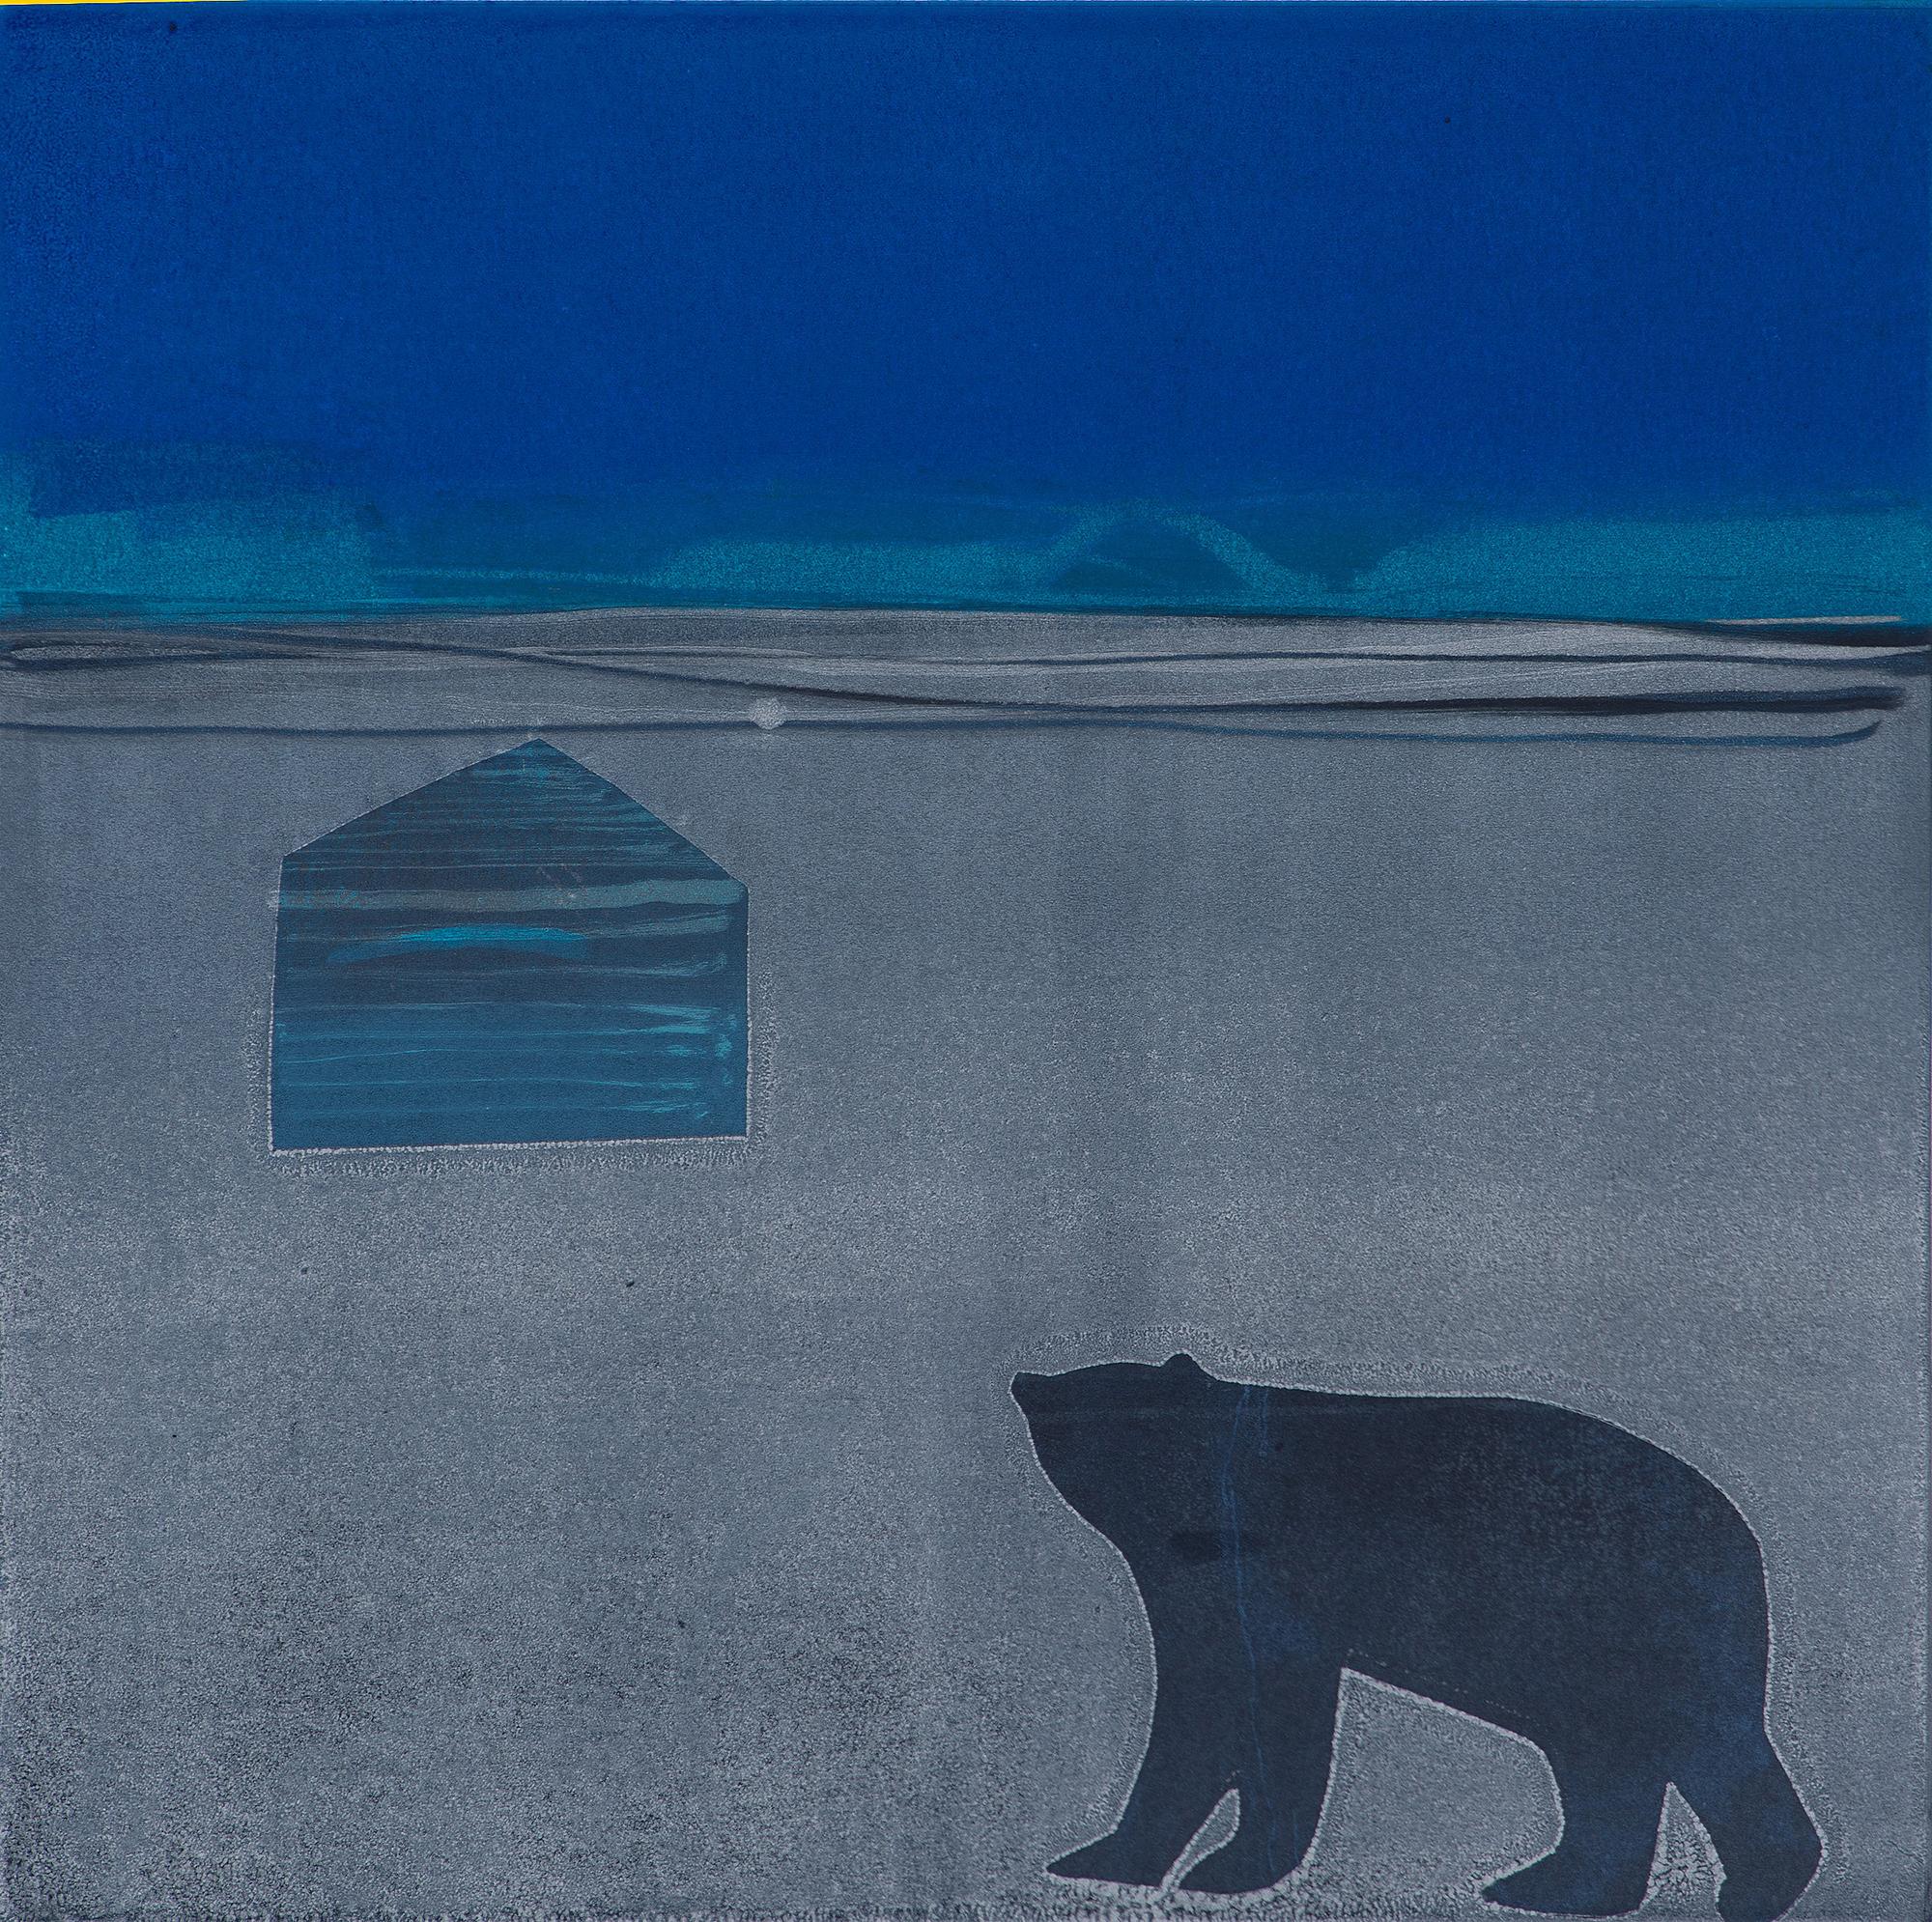 Hudson's Bay Company Hut and Bear